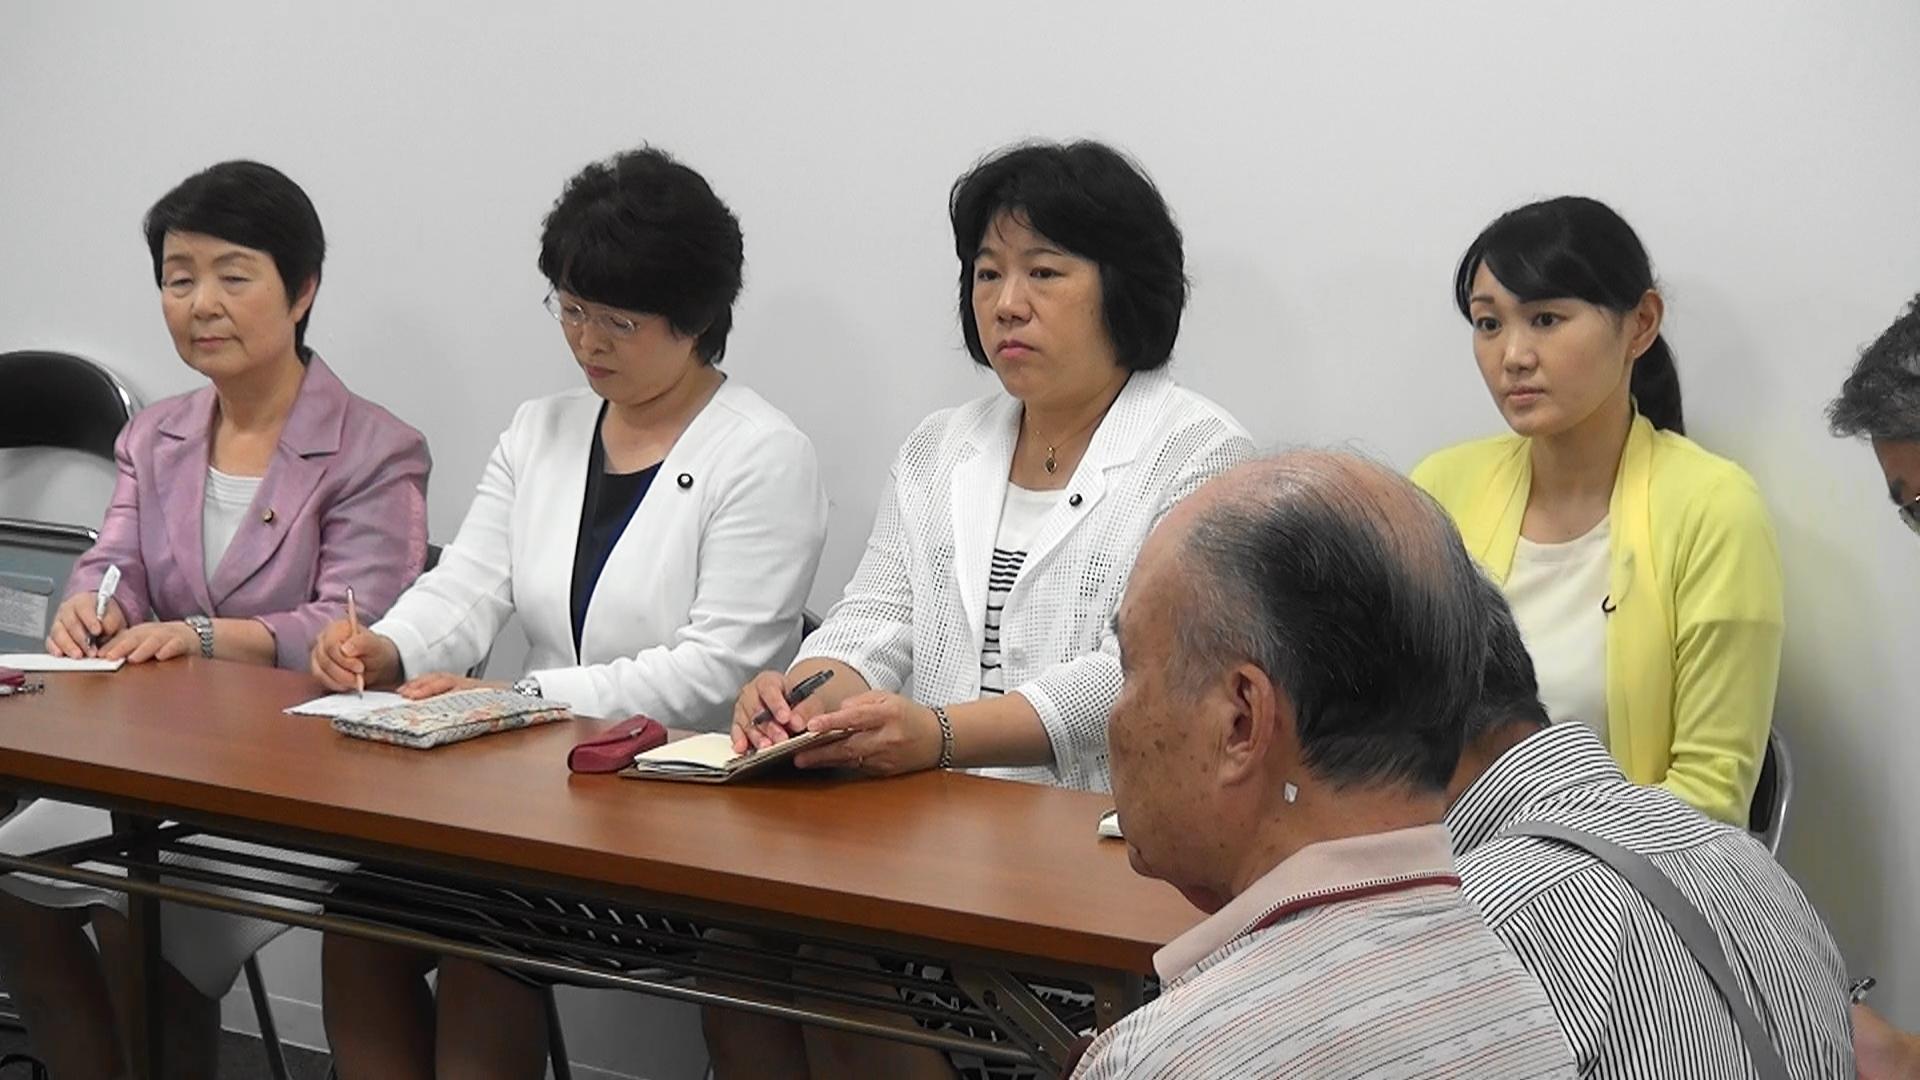 ふるくぼ和子議員、すげの直子議員が質疑 第3回定例会決算特別委員会